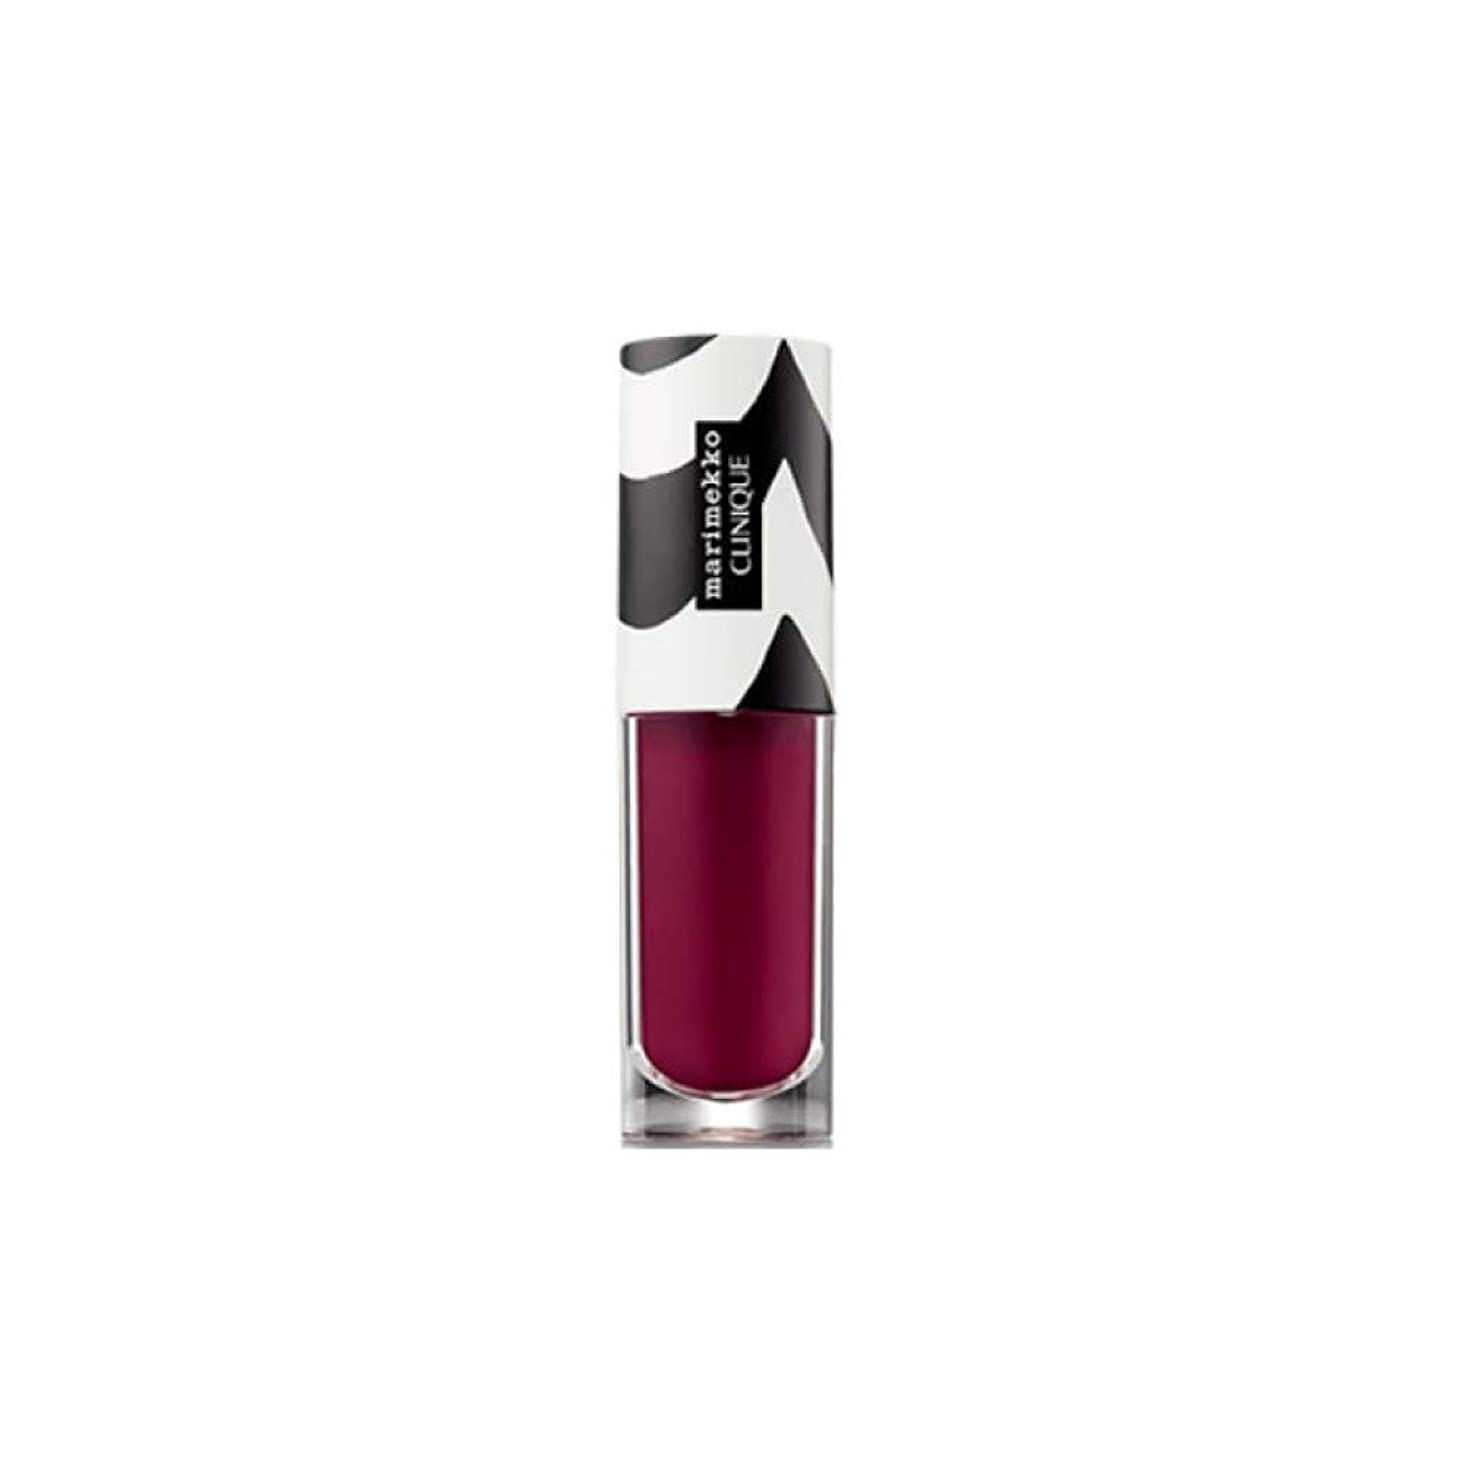 前書き偽装するオッズクリニーク Pop Splash Lip Gloss + Hydration - # 19 Vino Pop 4.3ml/0.14oz並行輸入品